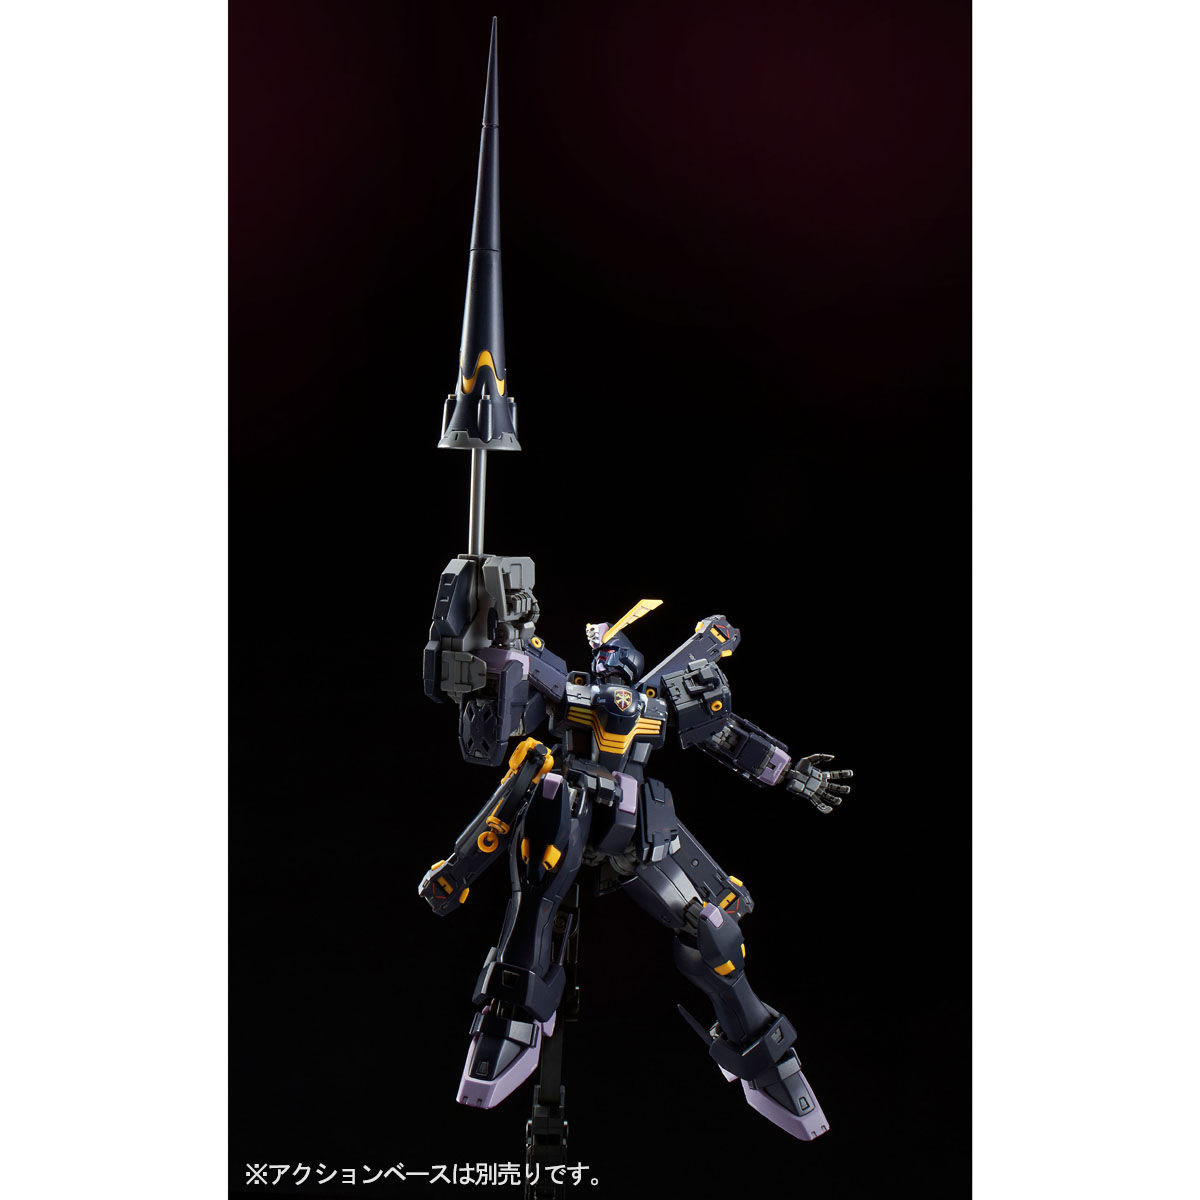 【限定販売】RG 1/144『クロスボーン・ガンダムX2』プラモデル-005